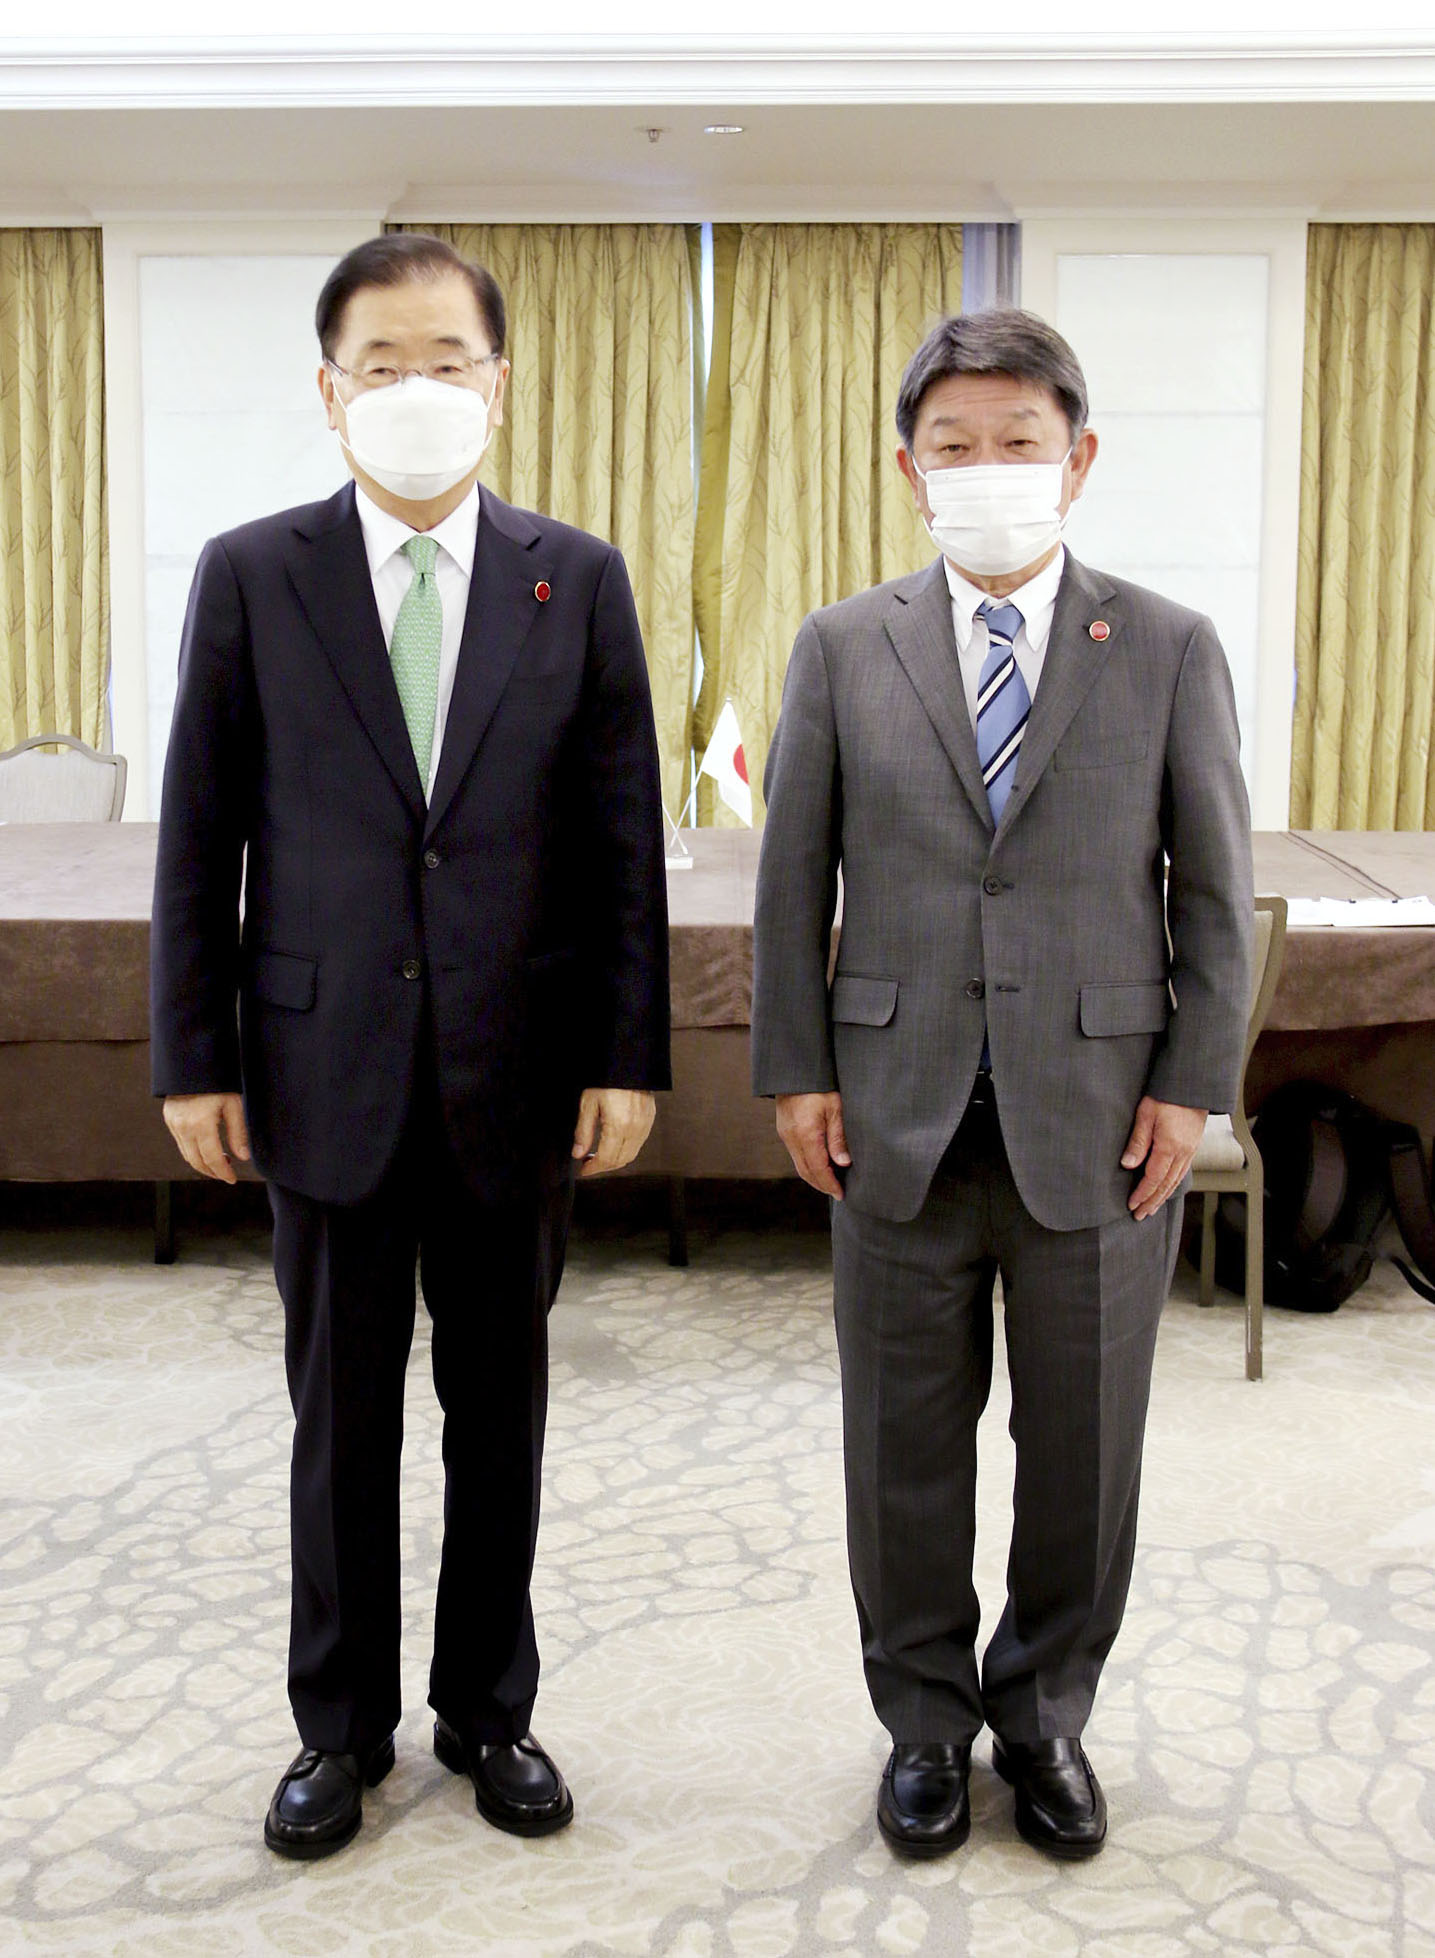 日韓外相、関係修復へ初会談 慰安婦、徴用工問題では平行線